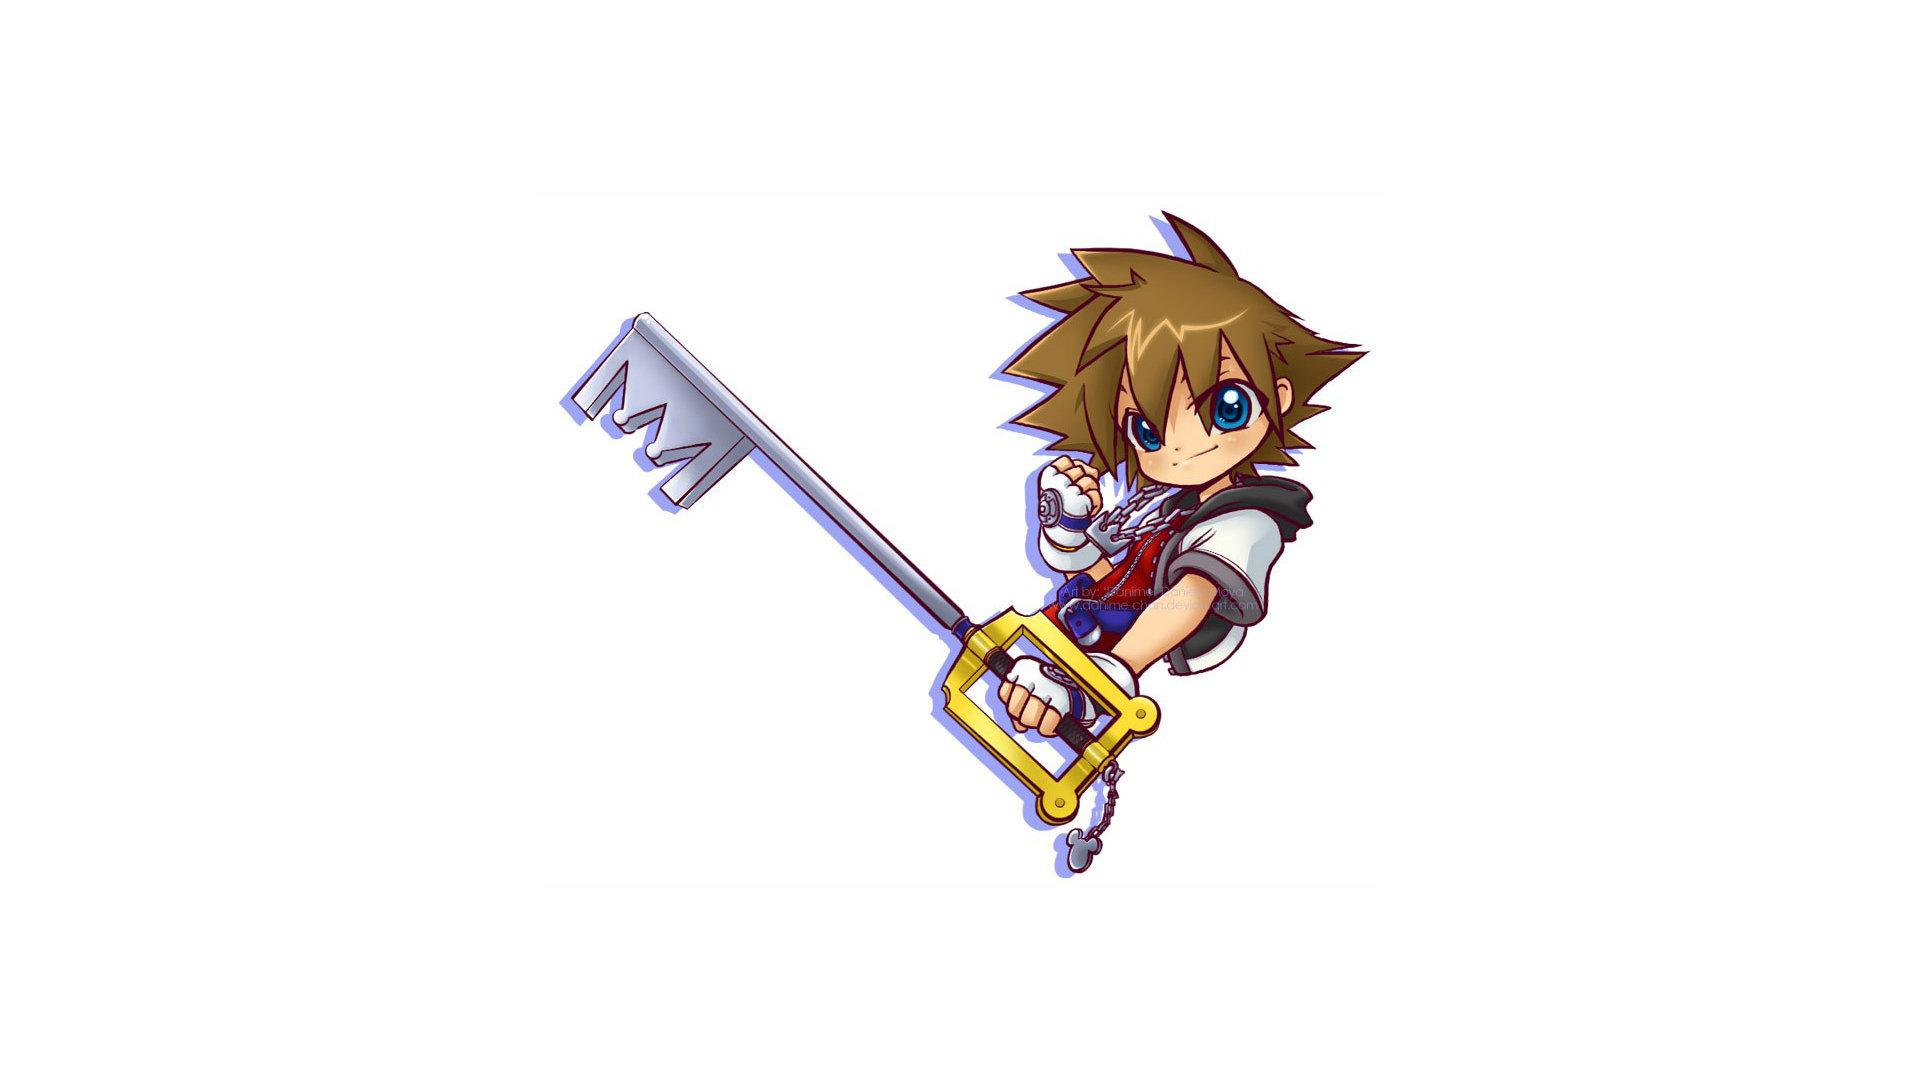 Kingdom Hearts wallpapers 1920x1080 Full HD (1080p ...